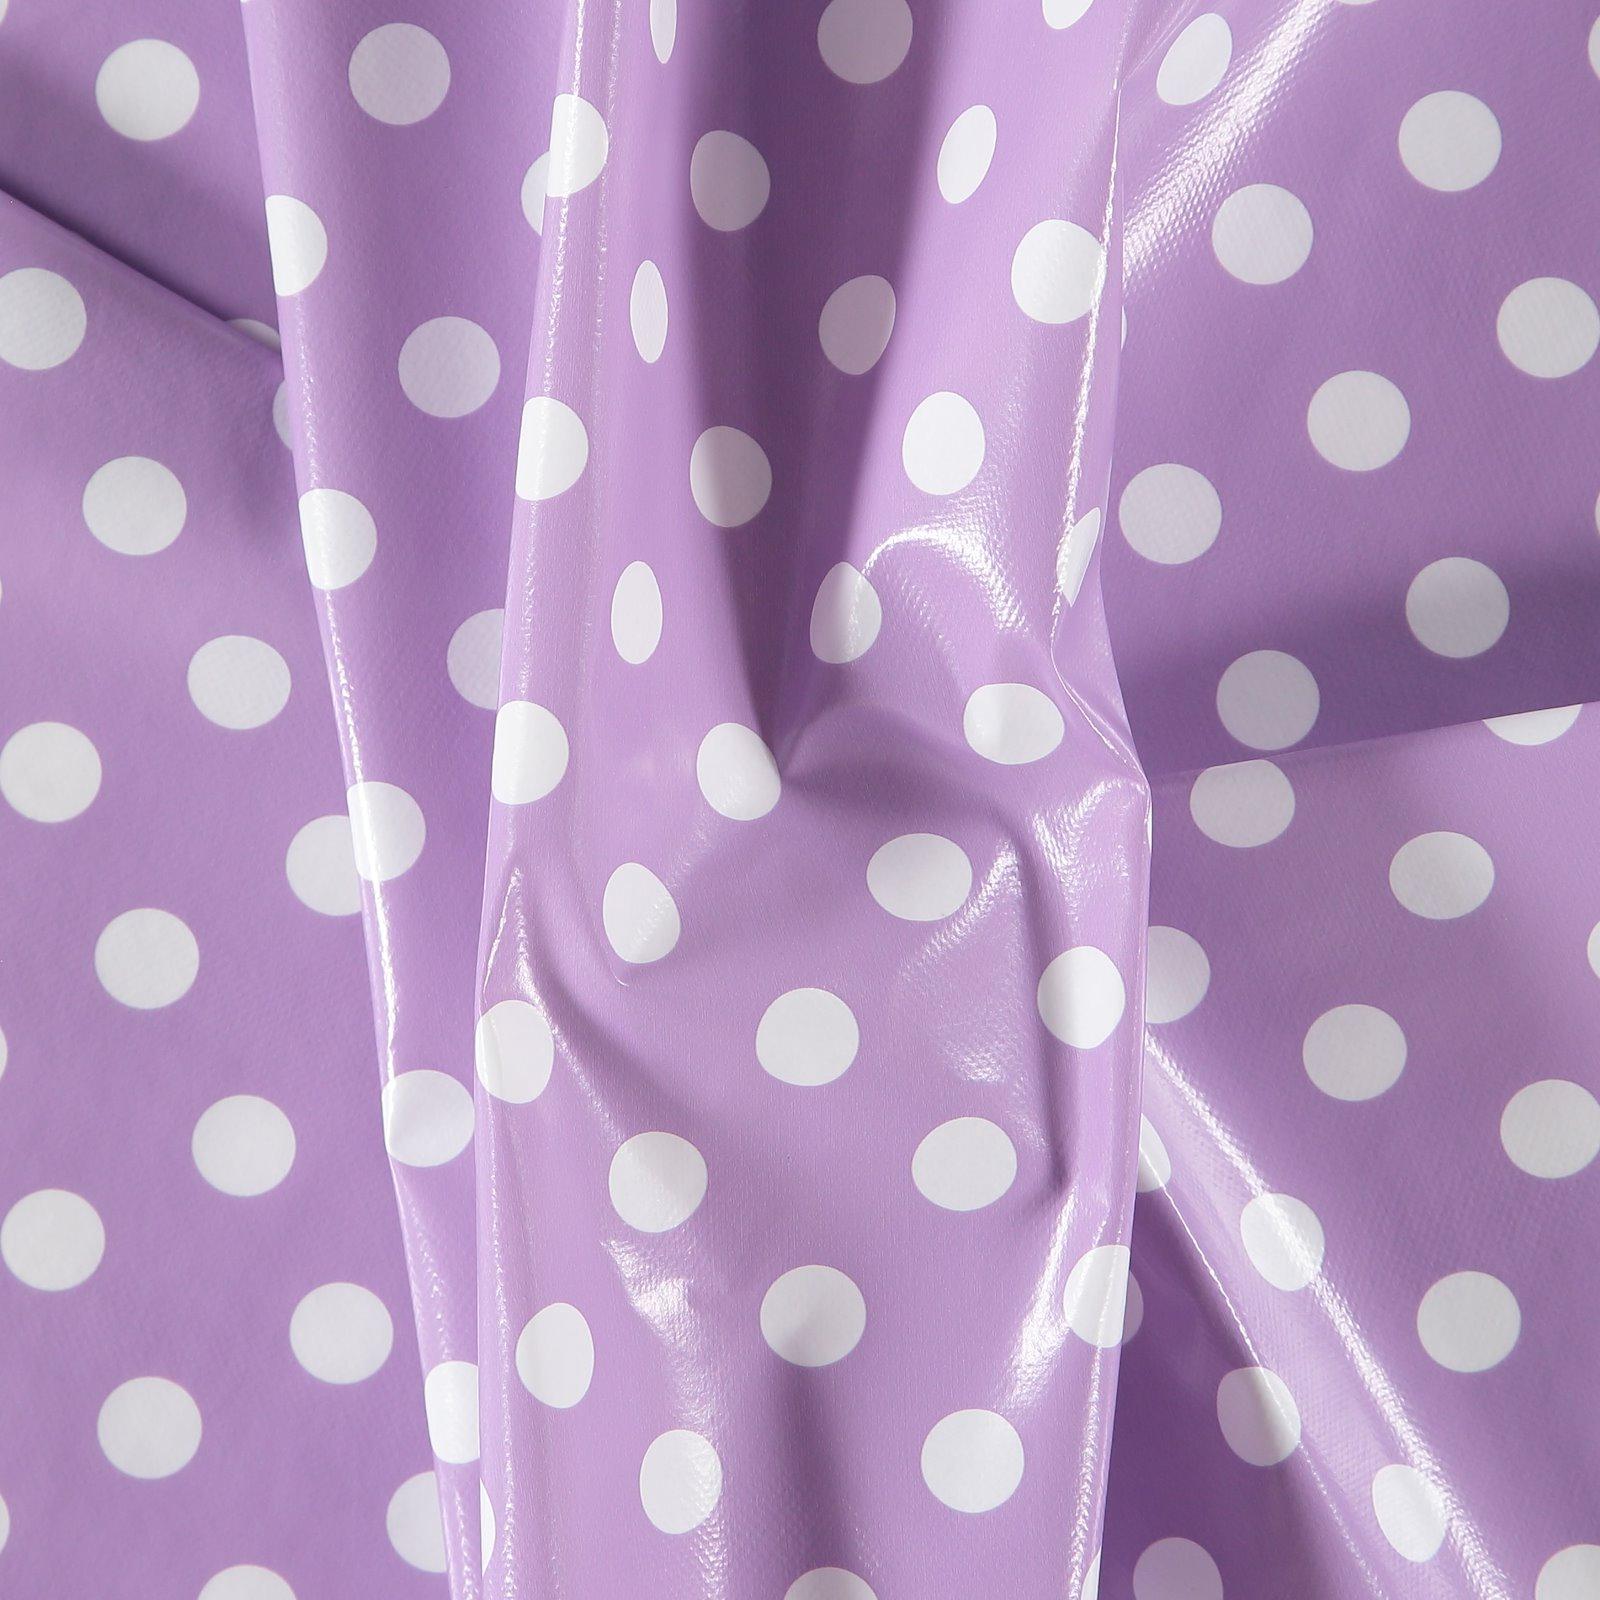 Non-woven oilcloth purple w white dots 866118_pack